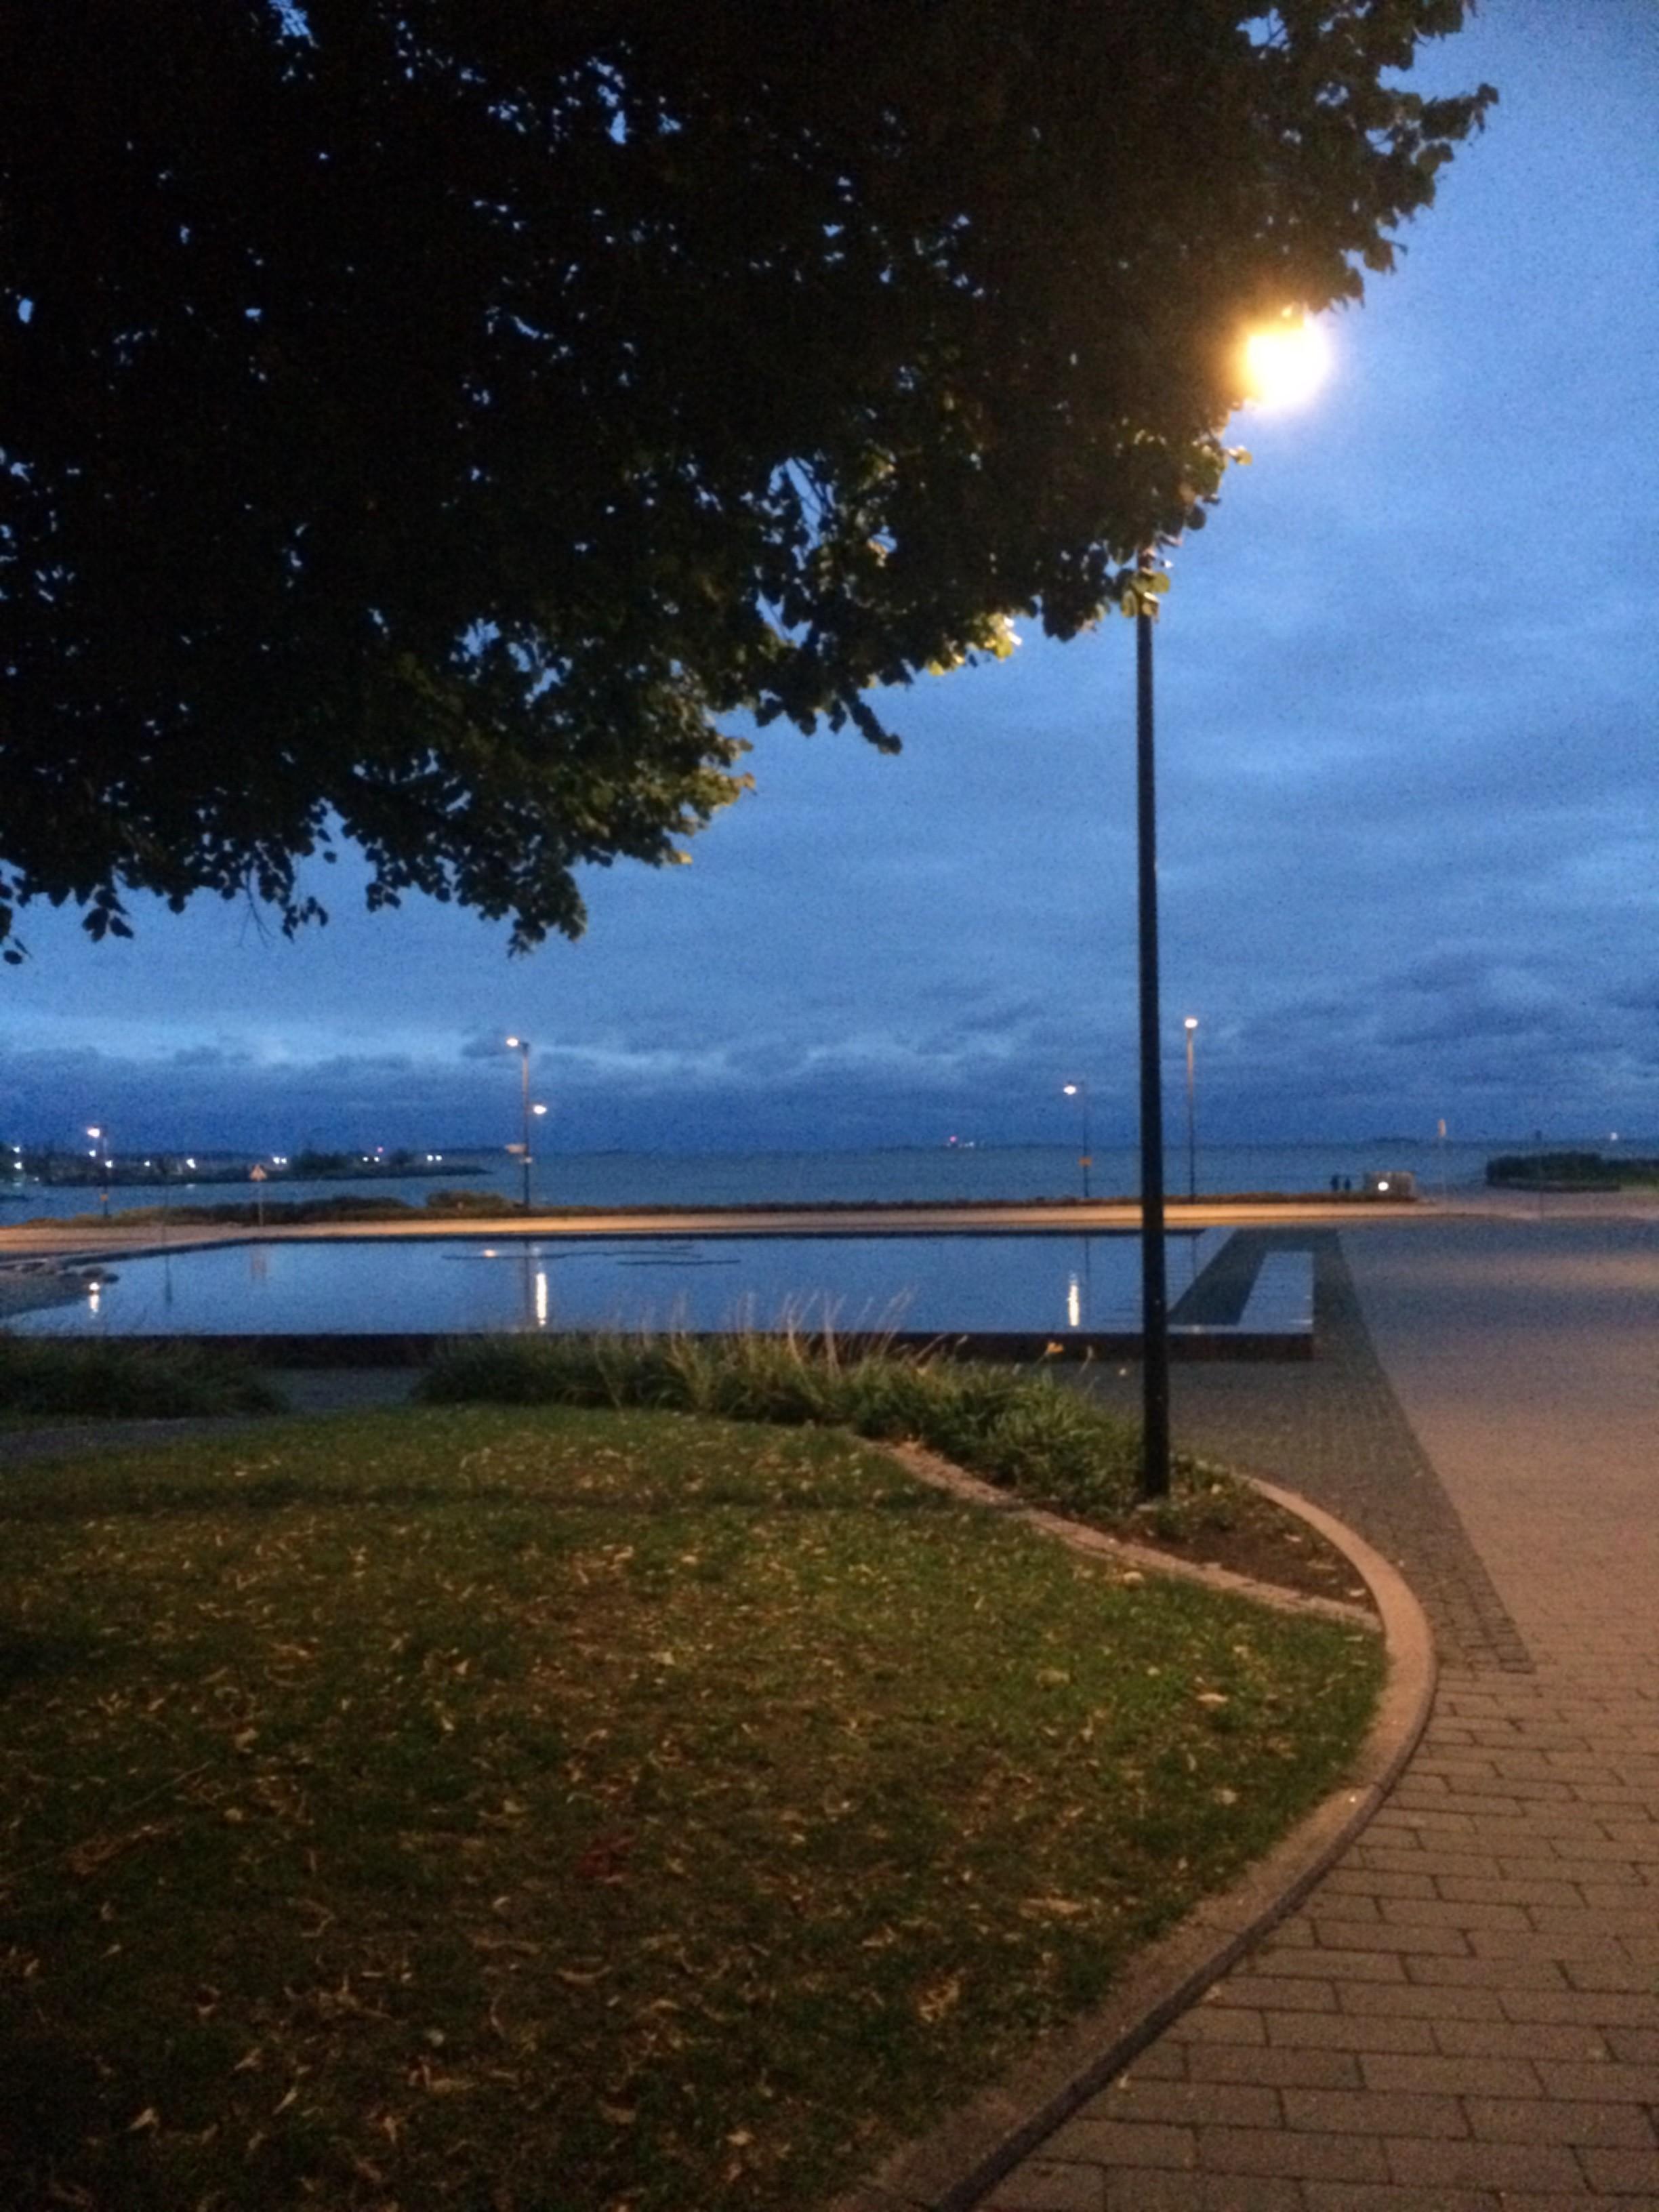 Tiistai- iltana menossa Helsinki Core Trainers:ille. Kaunis Etelä-Helsinki.